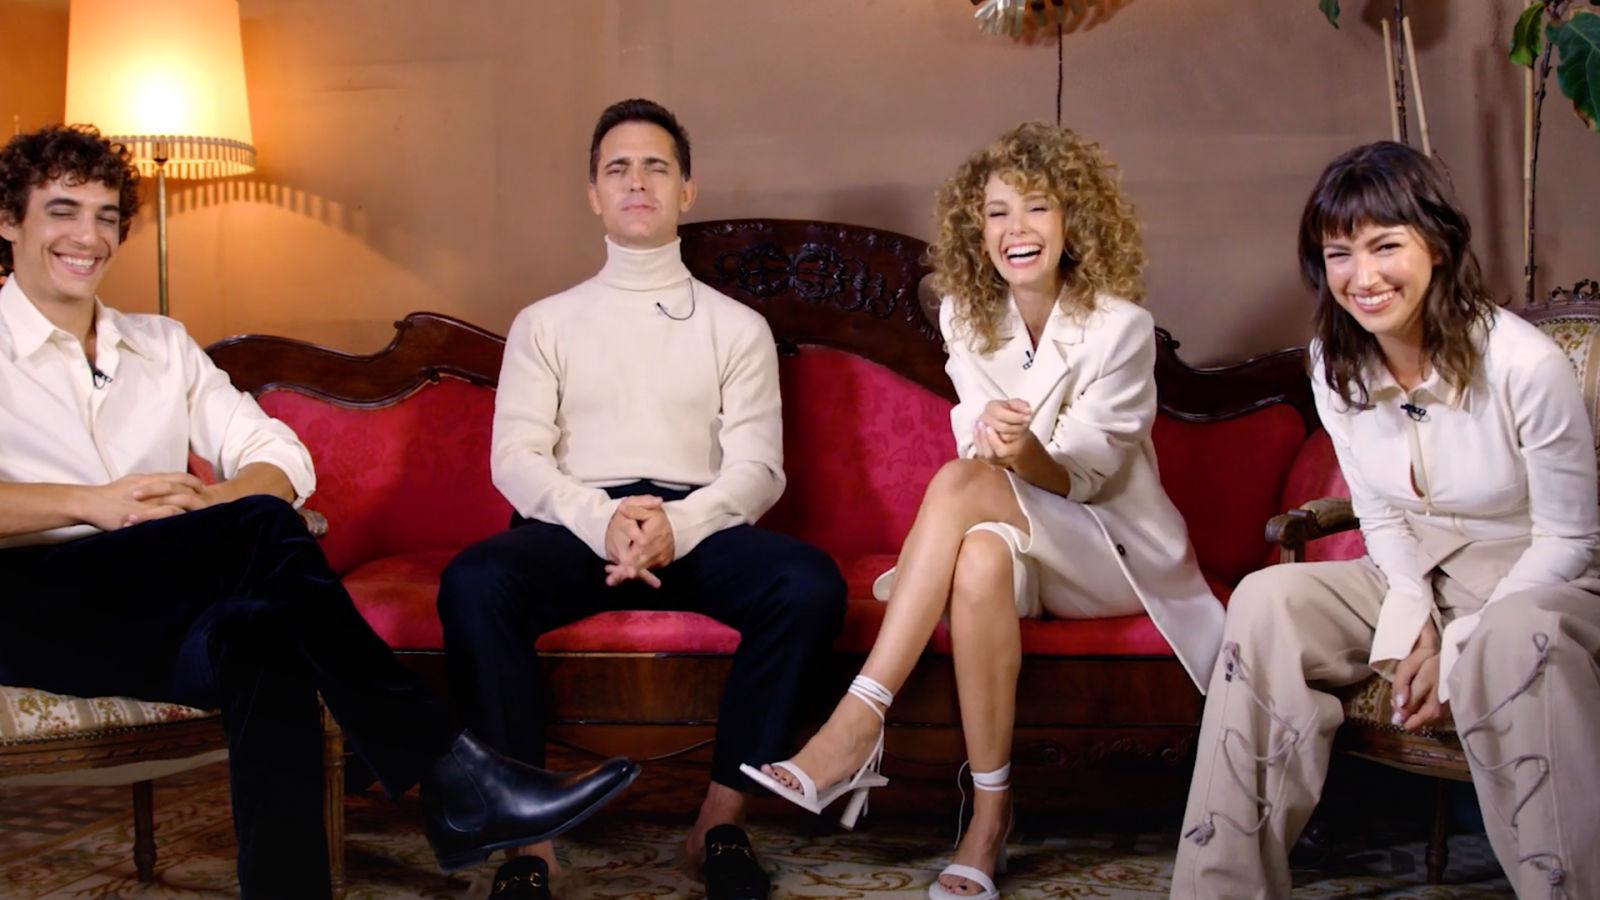 Úrsula Corberó, Miguel Herrán y el cast de La casa de papel explican los momentos más fuertes de la serie